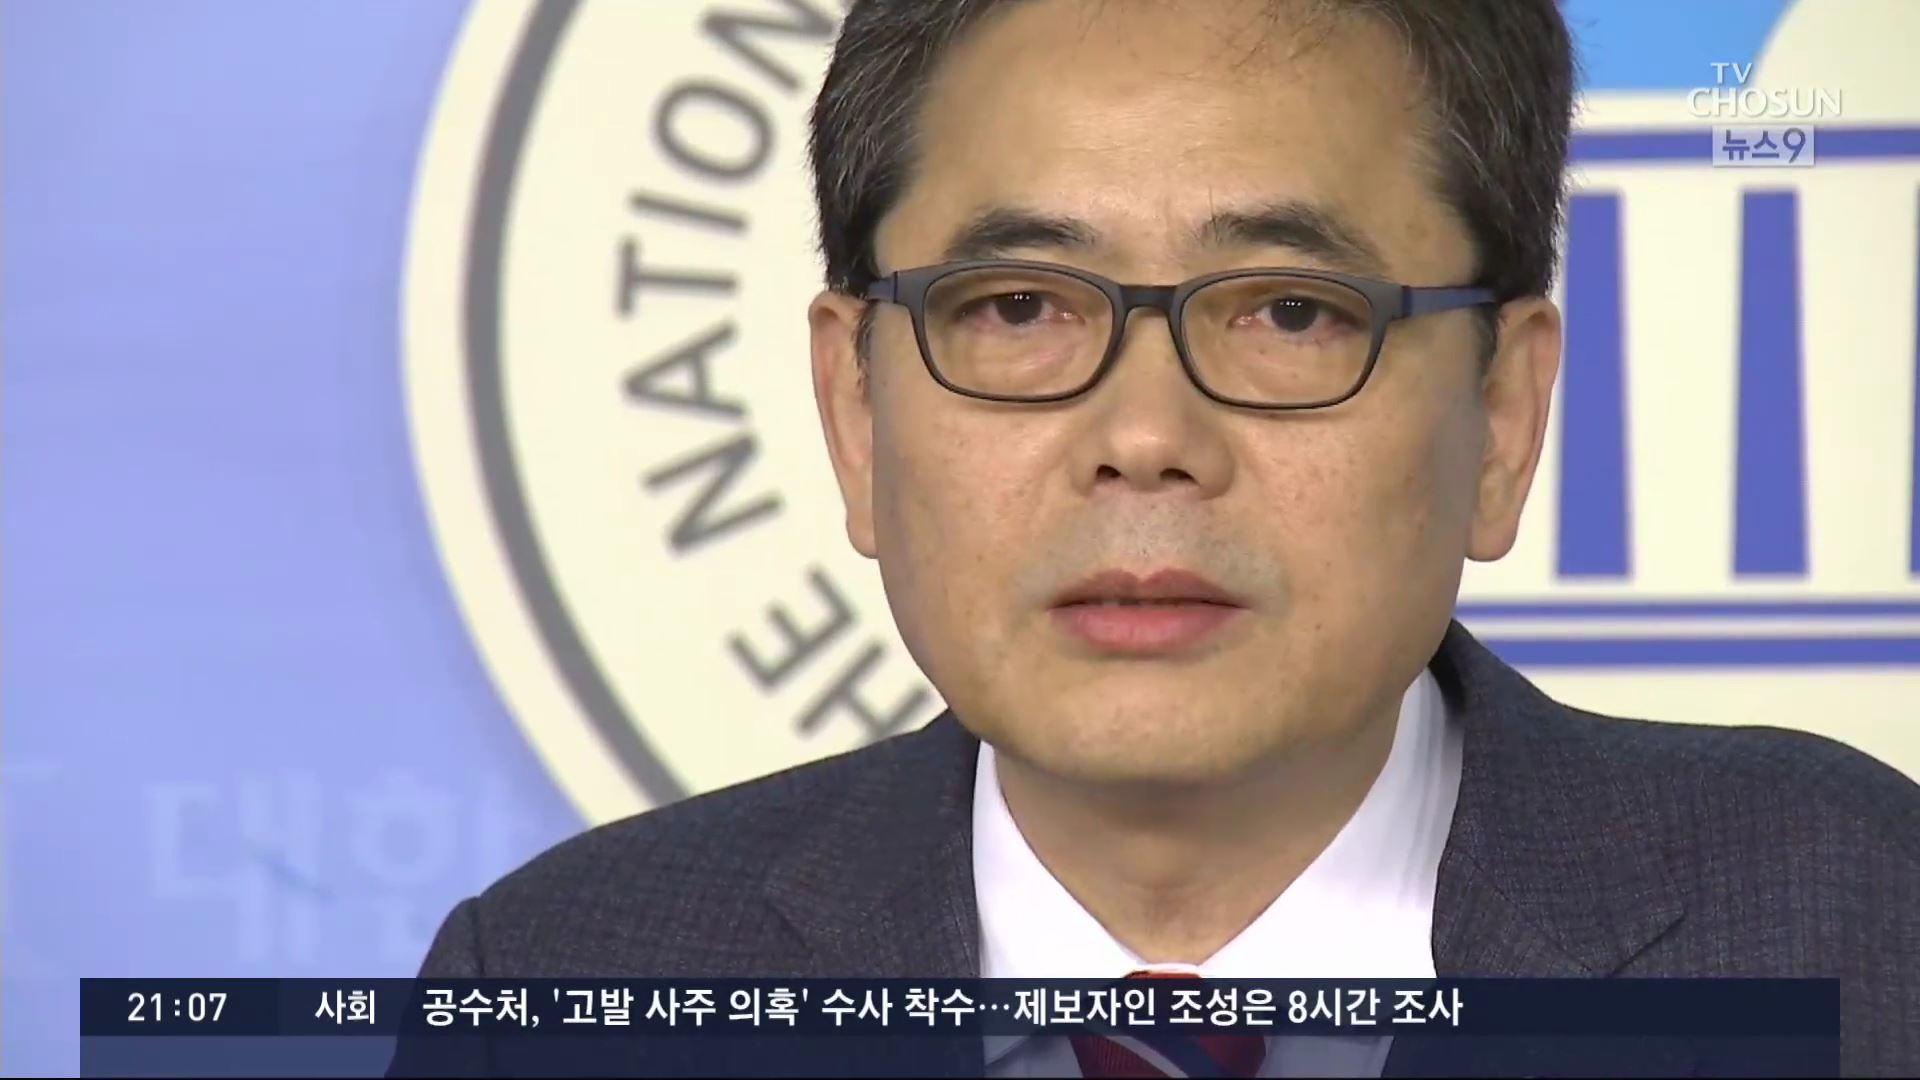 곽상도, 화천대유 측 후원금 2000만원도 받았다